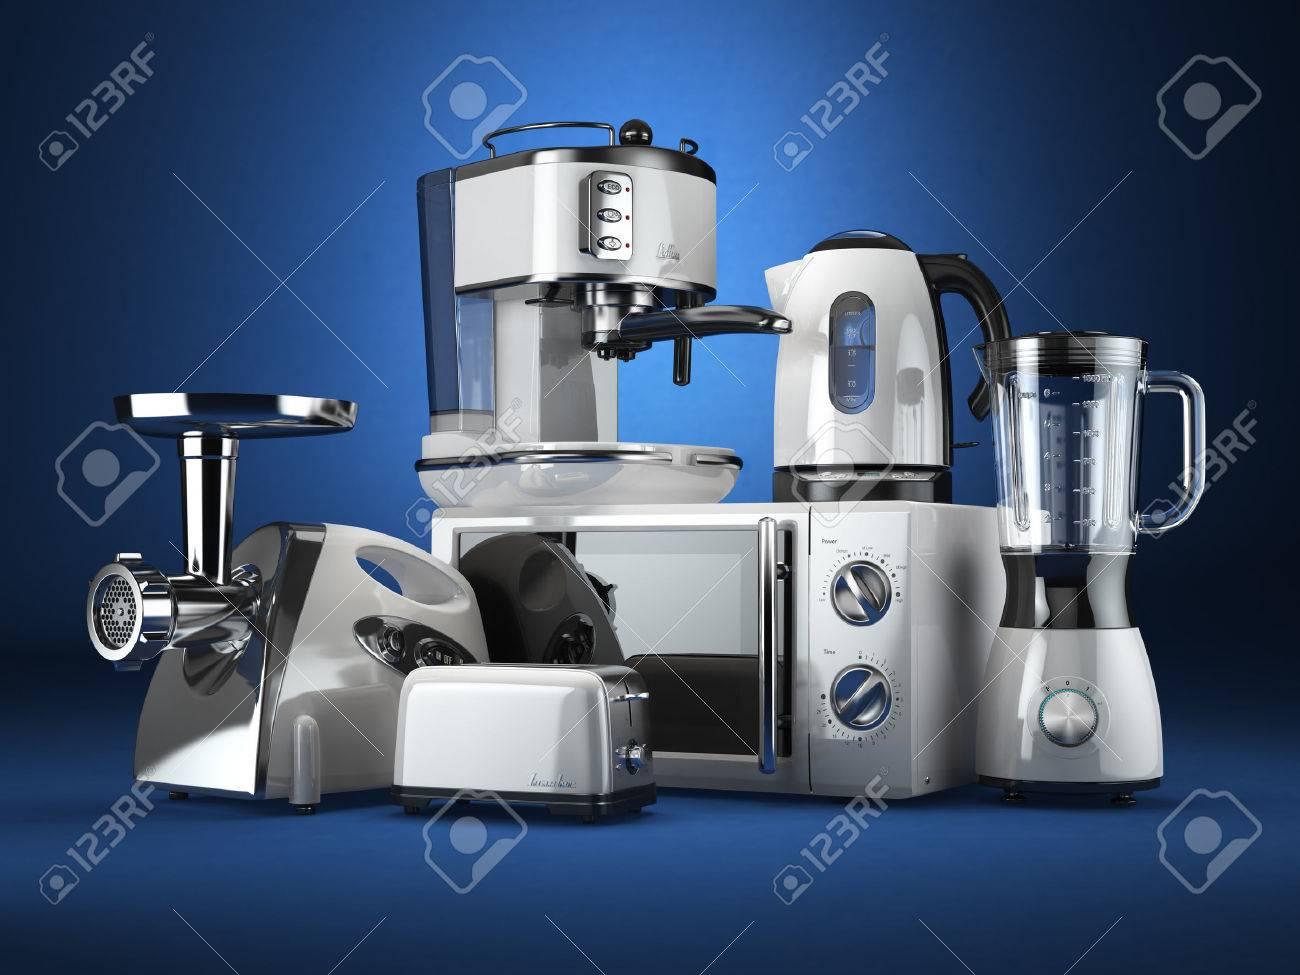 Stunning Elettrodomestici Per Cucinare Pictures - Design & Ideas ...